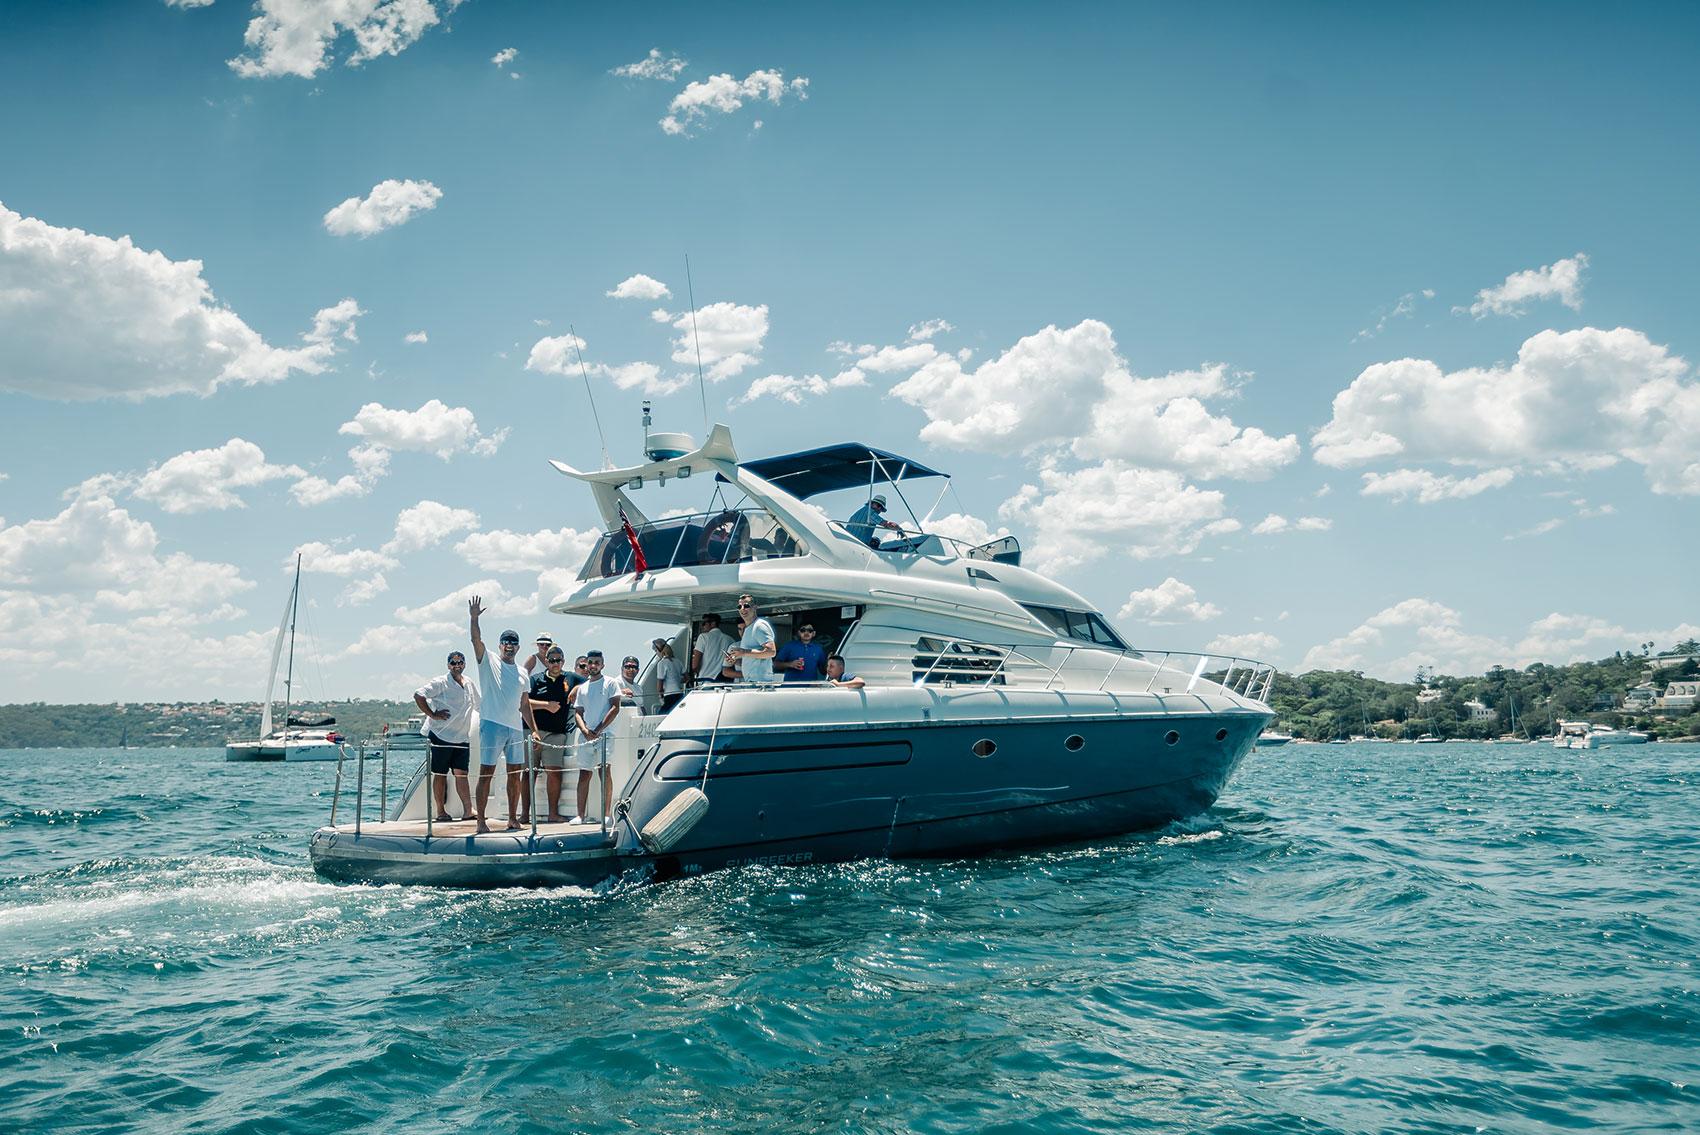 Sunseeker_For_Charter - Fraser_Yachts_Australia